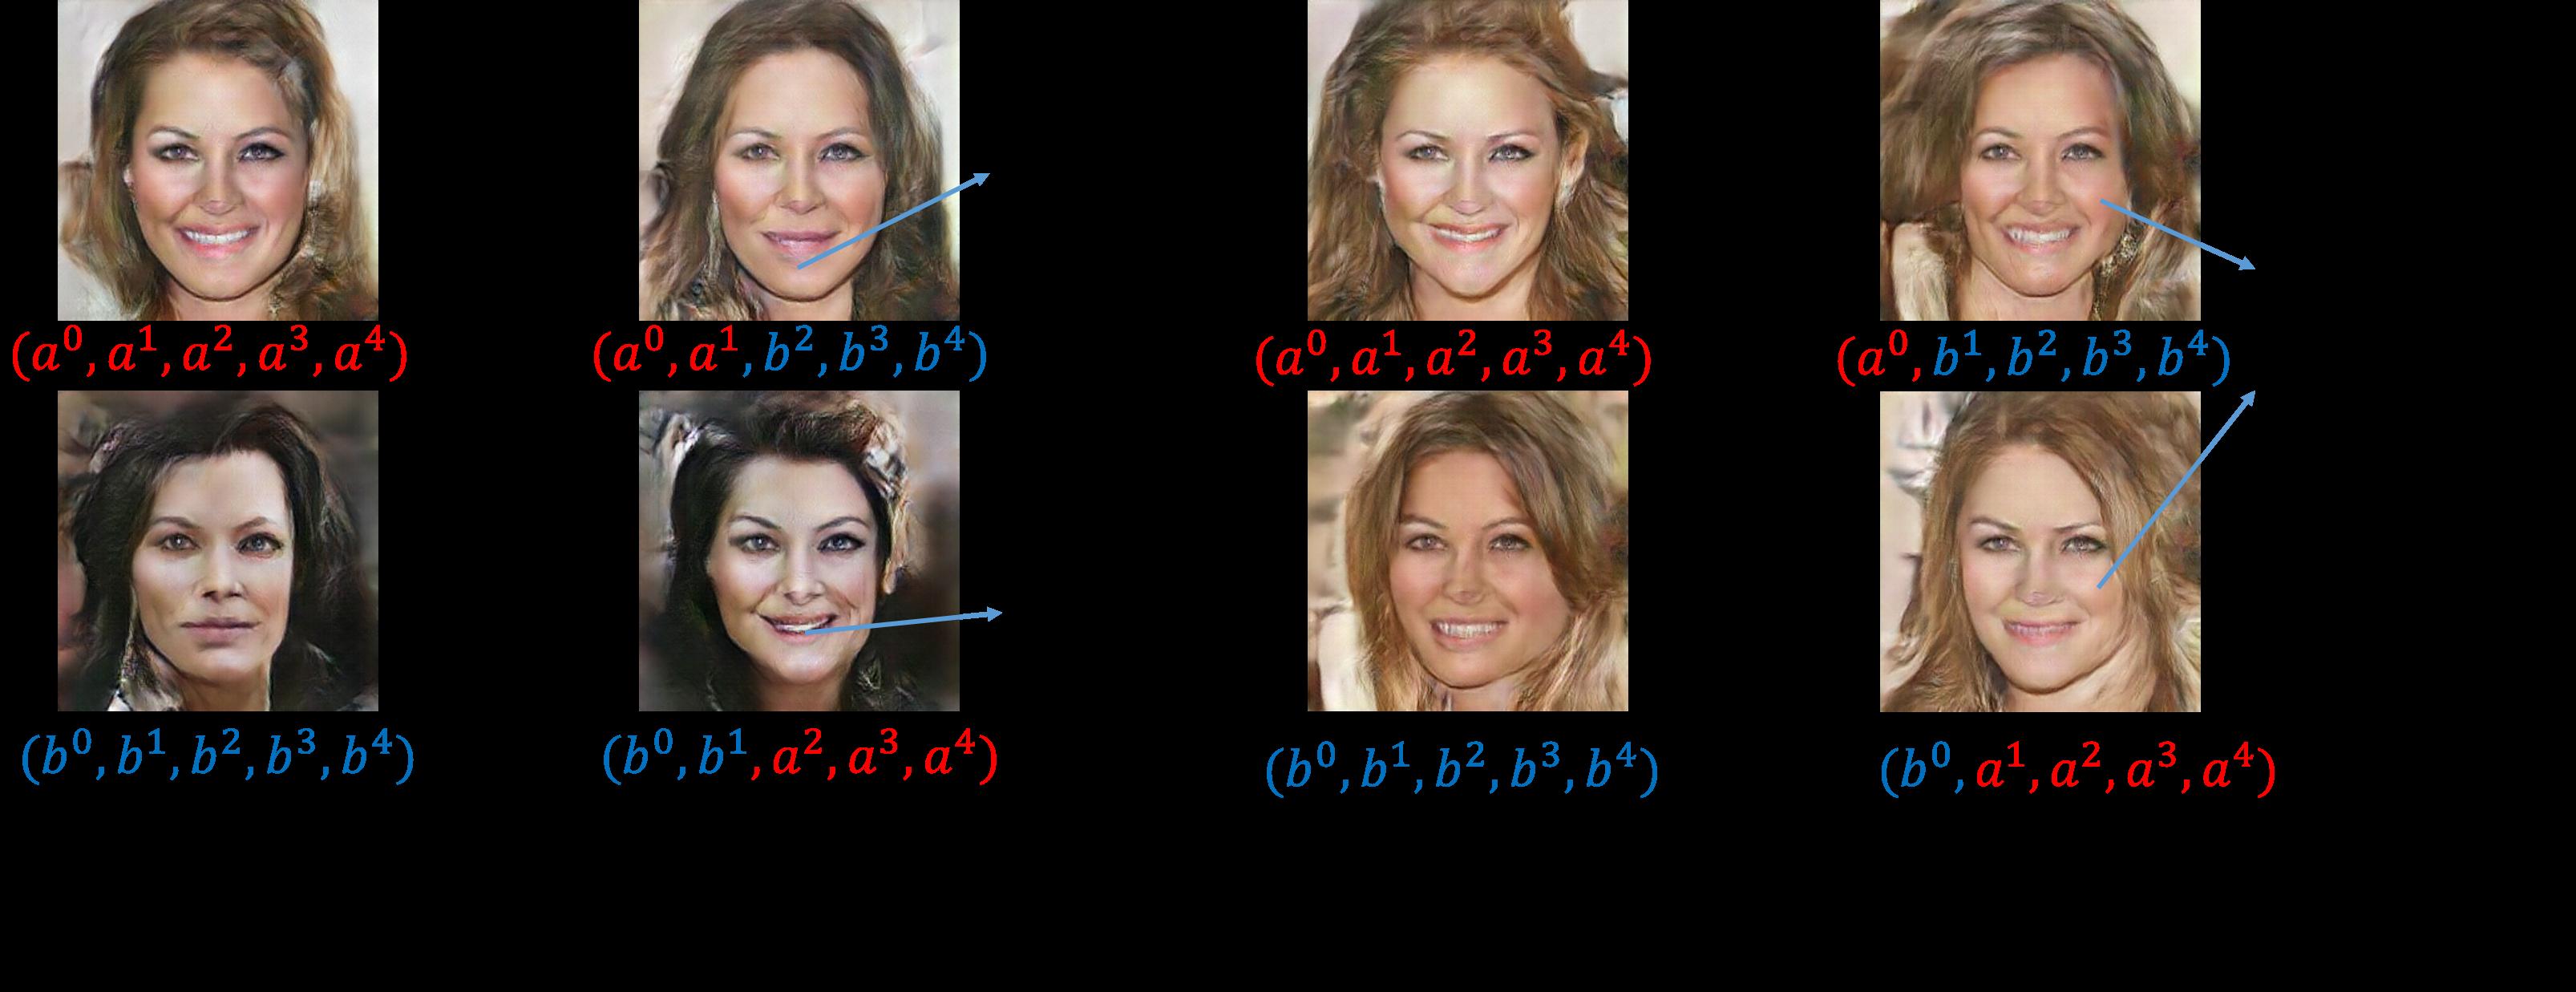 Scale-aware fusion